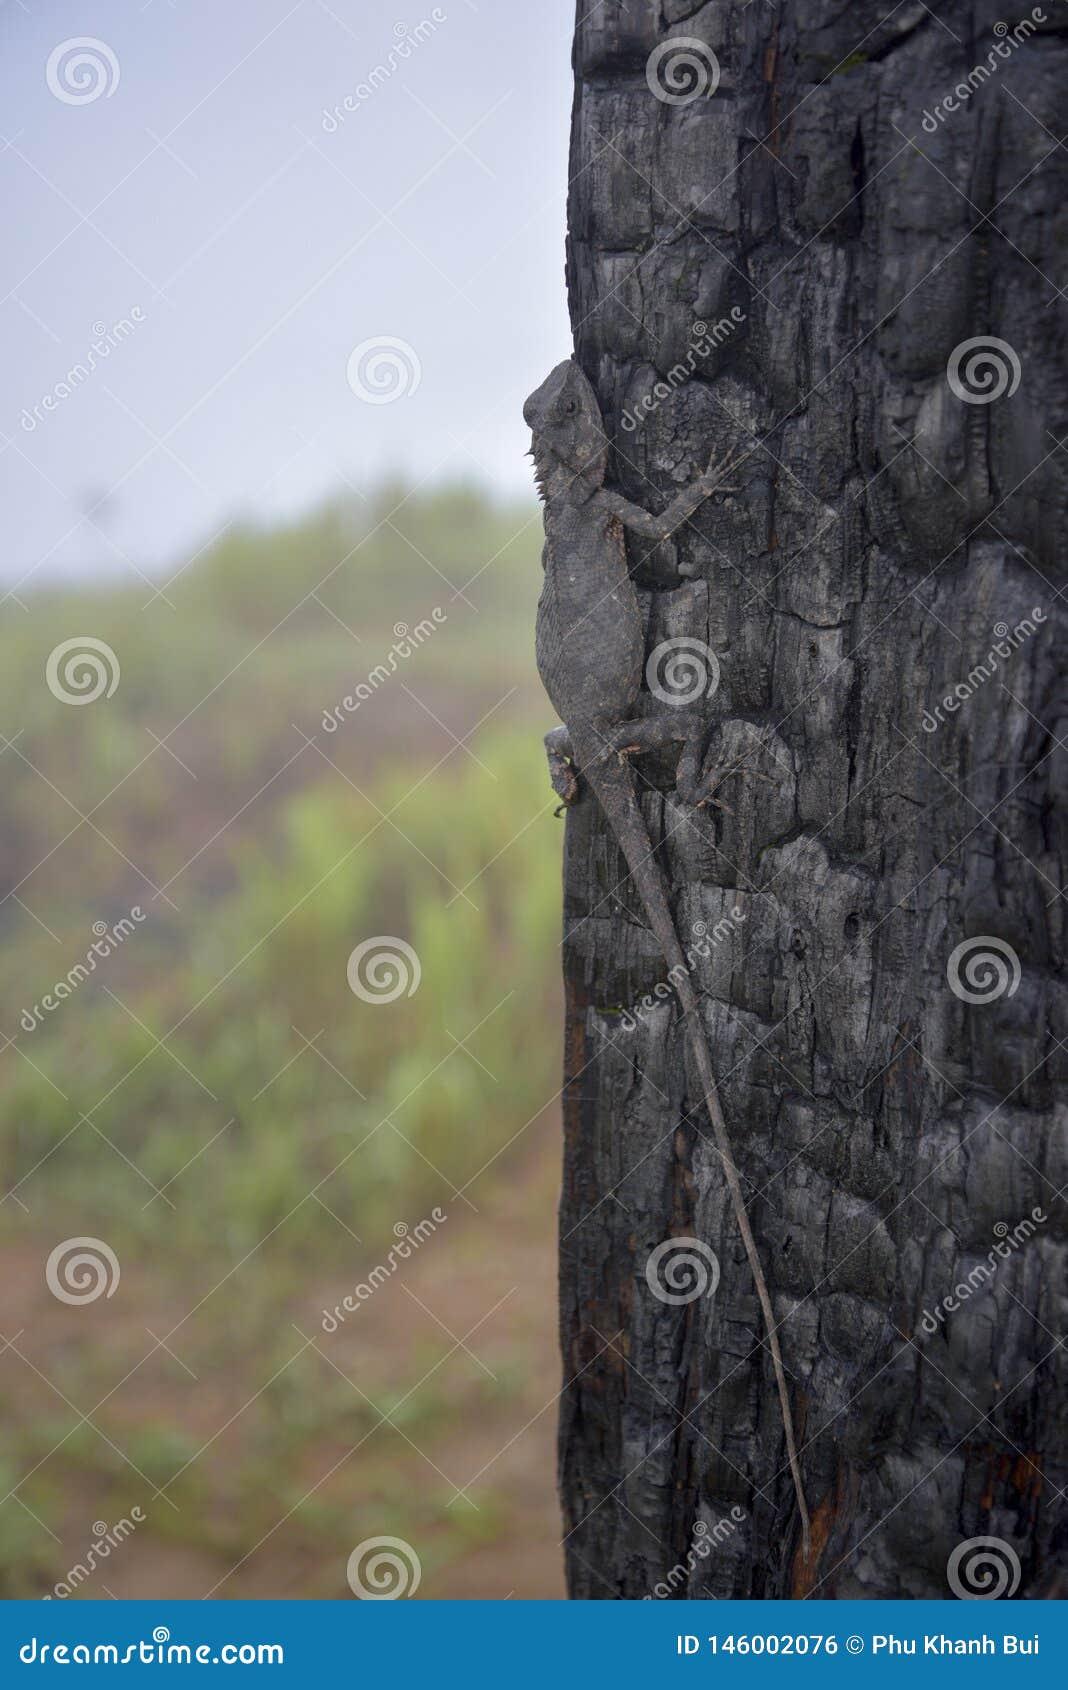 Хамелеоны изменяют цвет на, который сгорели части 12 ствола дерева